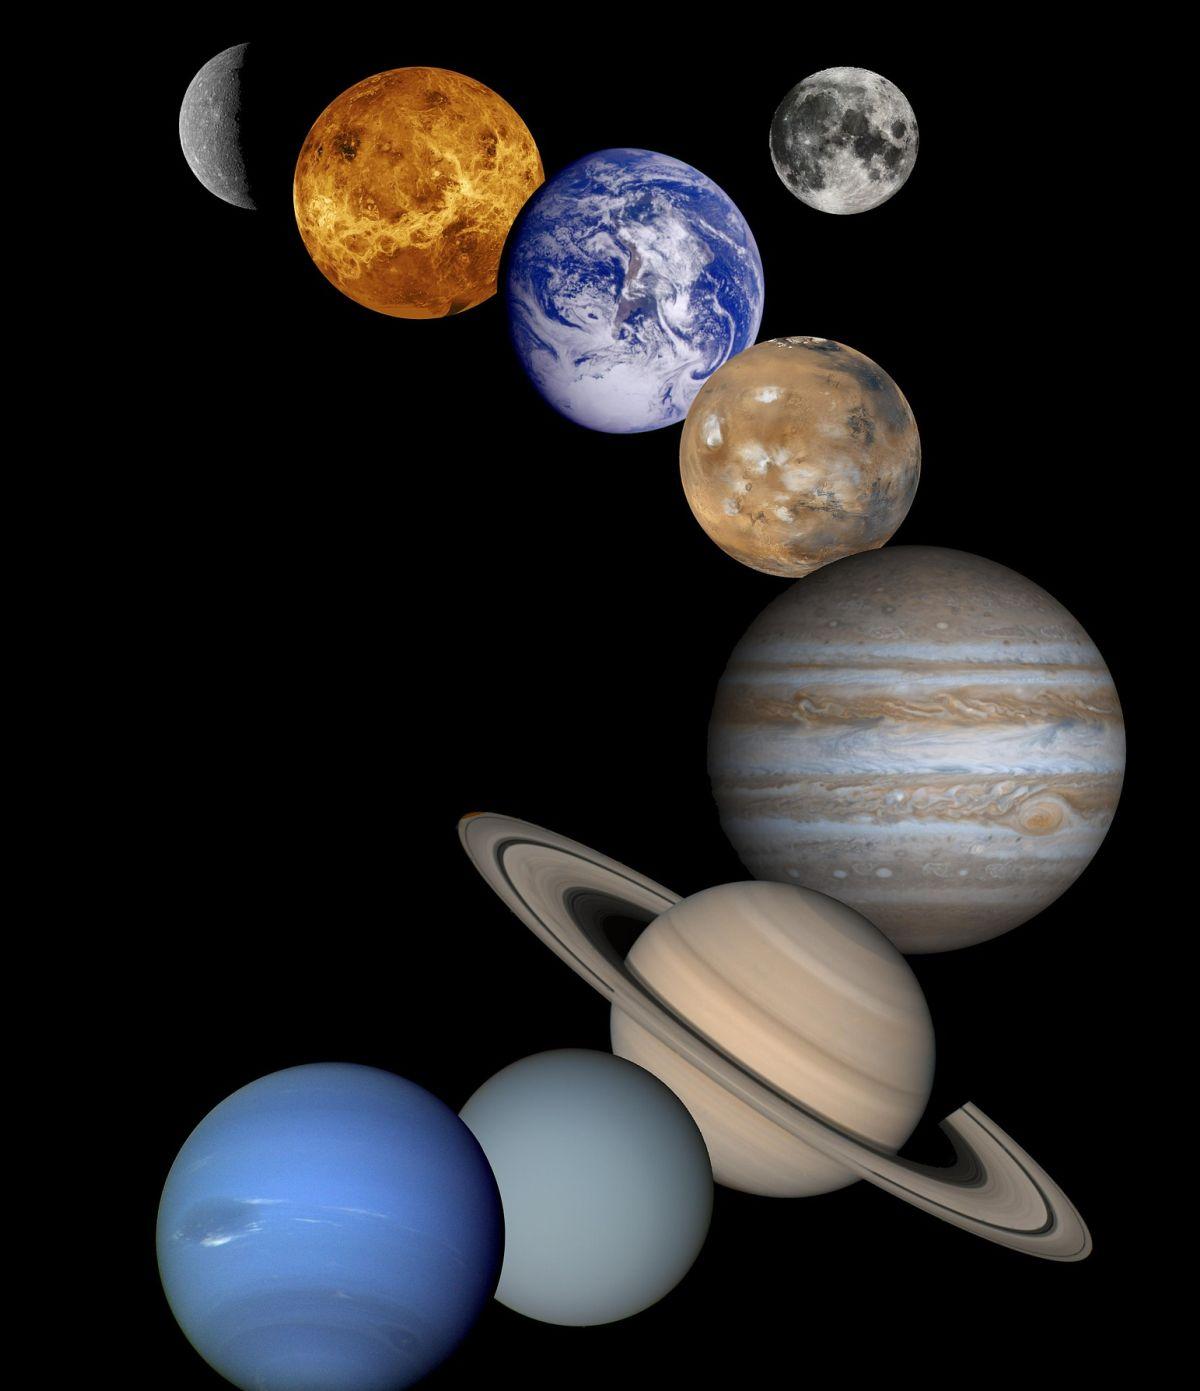 NASA NAJAVILA VELIKU KONFERENCIJU ZA NOVINARE Otkrit će rezultate 'velike potrage za životom izvan Zemlje'